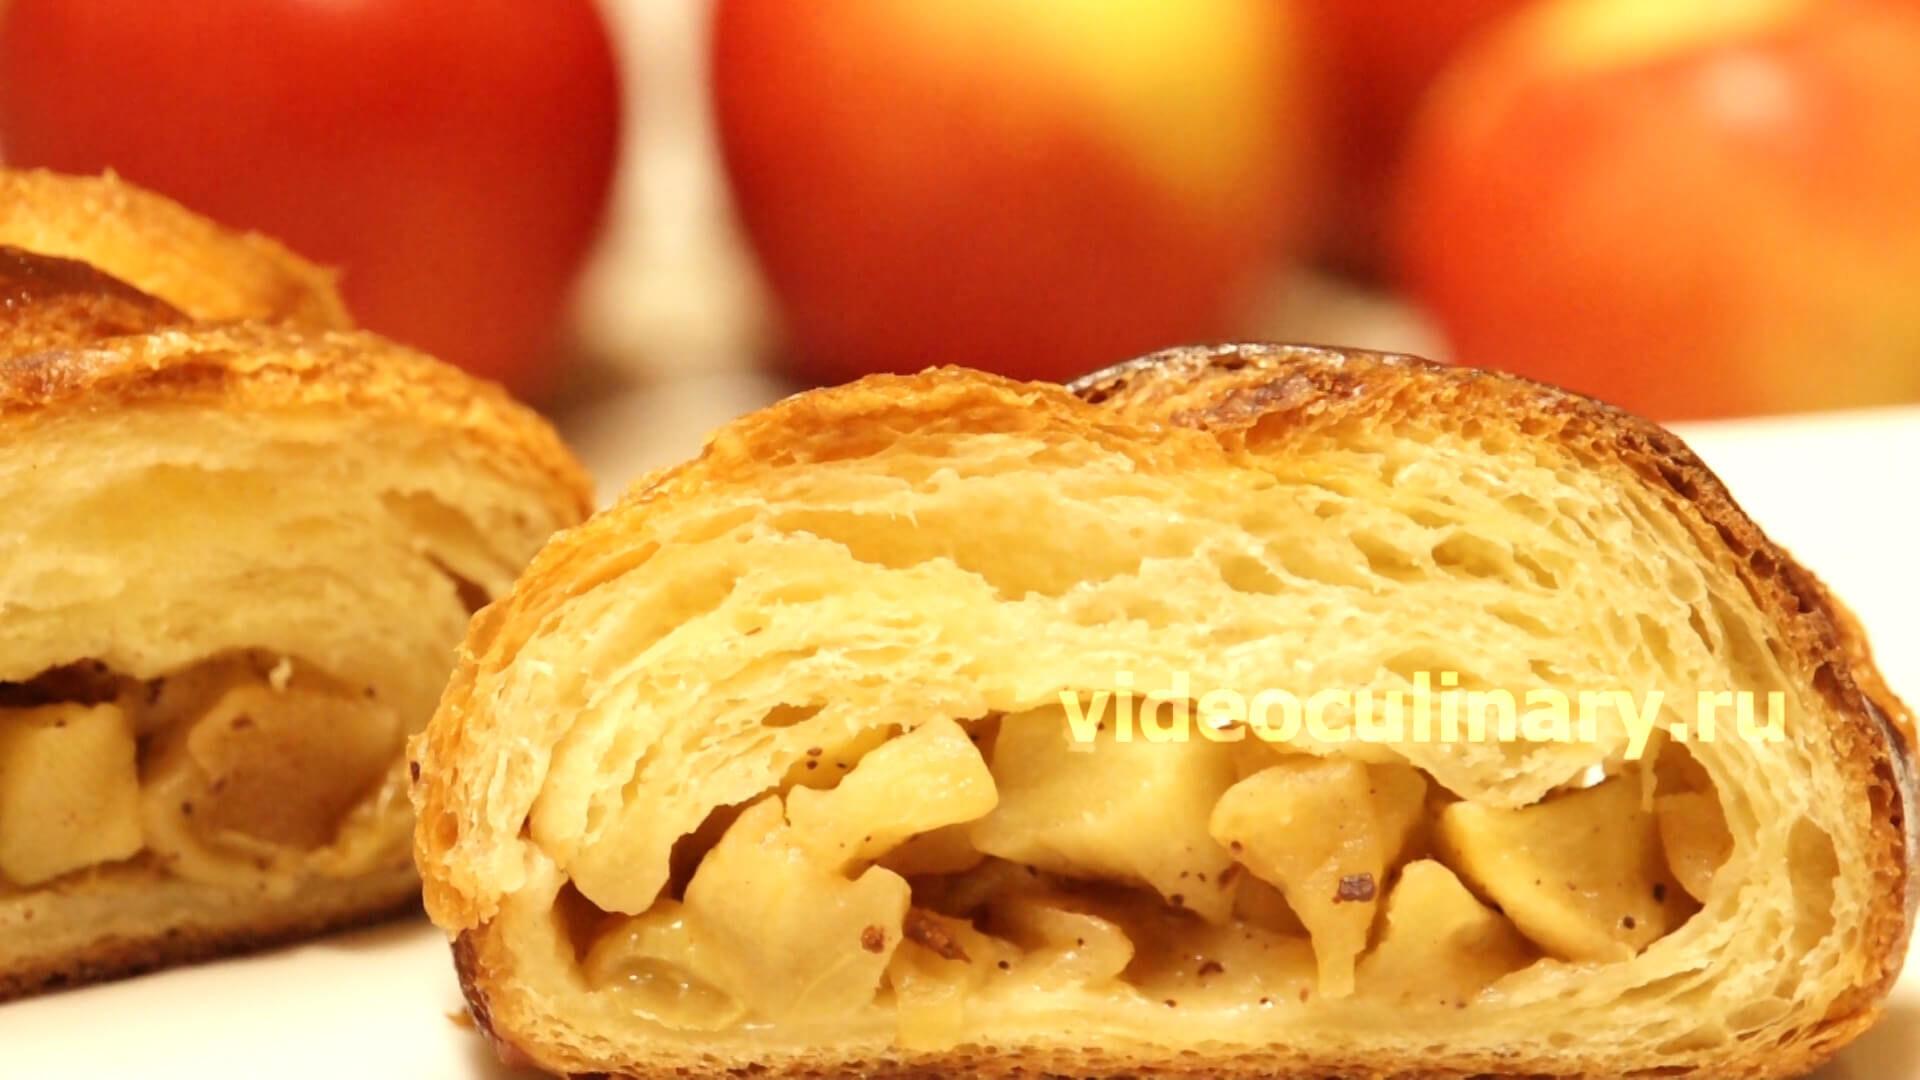 Рецепт приготовления пирога из слоеного теста с яблоками рецепт быстрого и легкого приготовления пирога